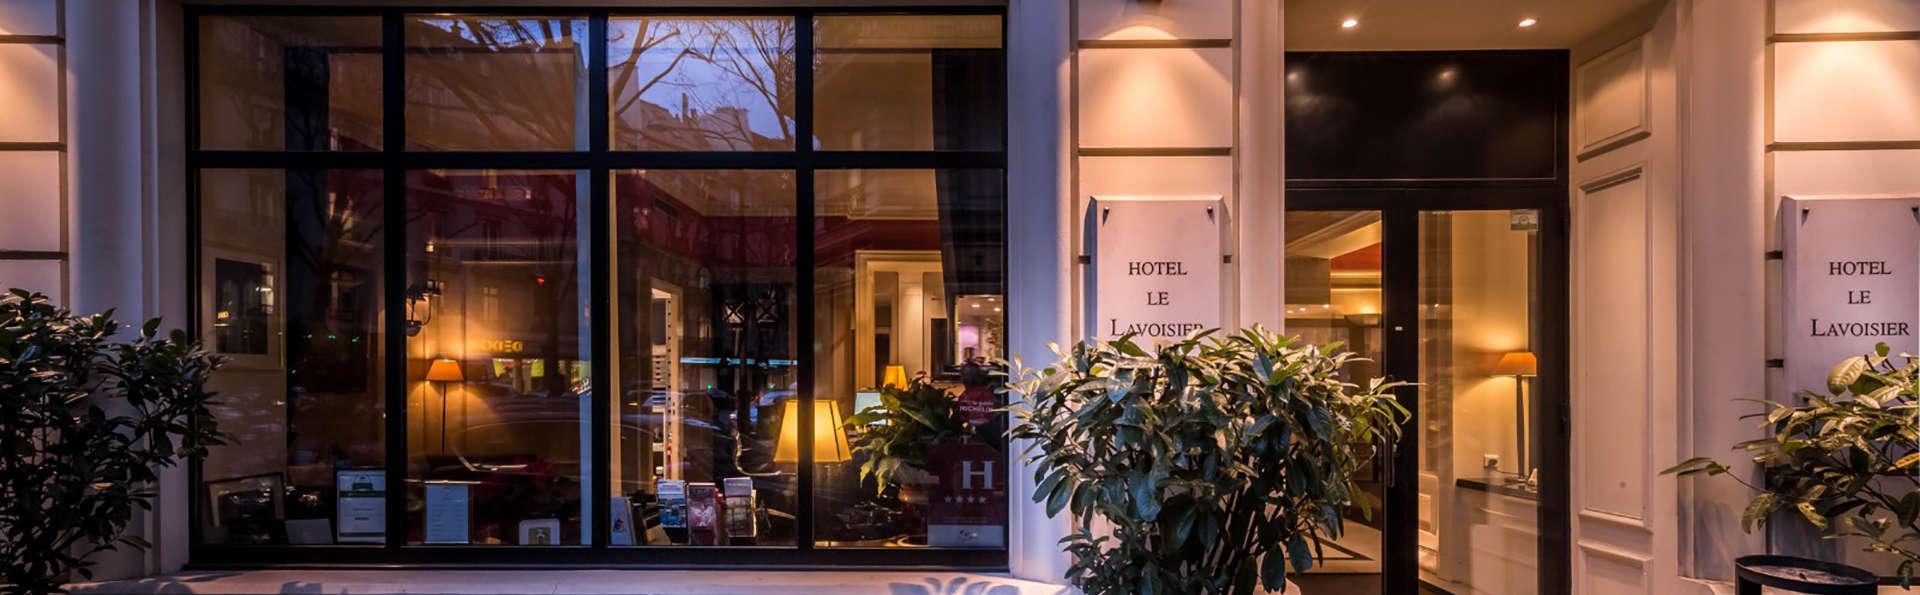 Hôtel Le Lavoisier - Edit_Front.jpg